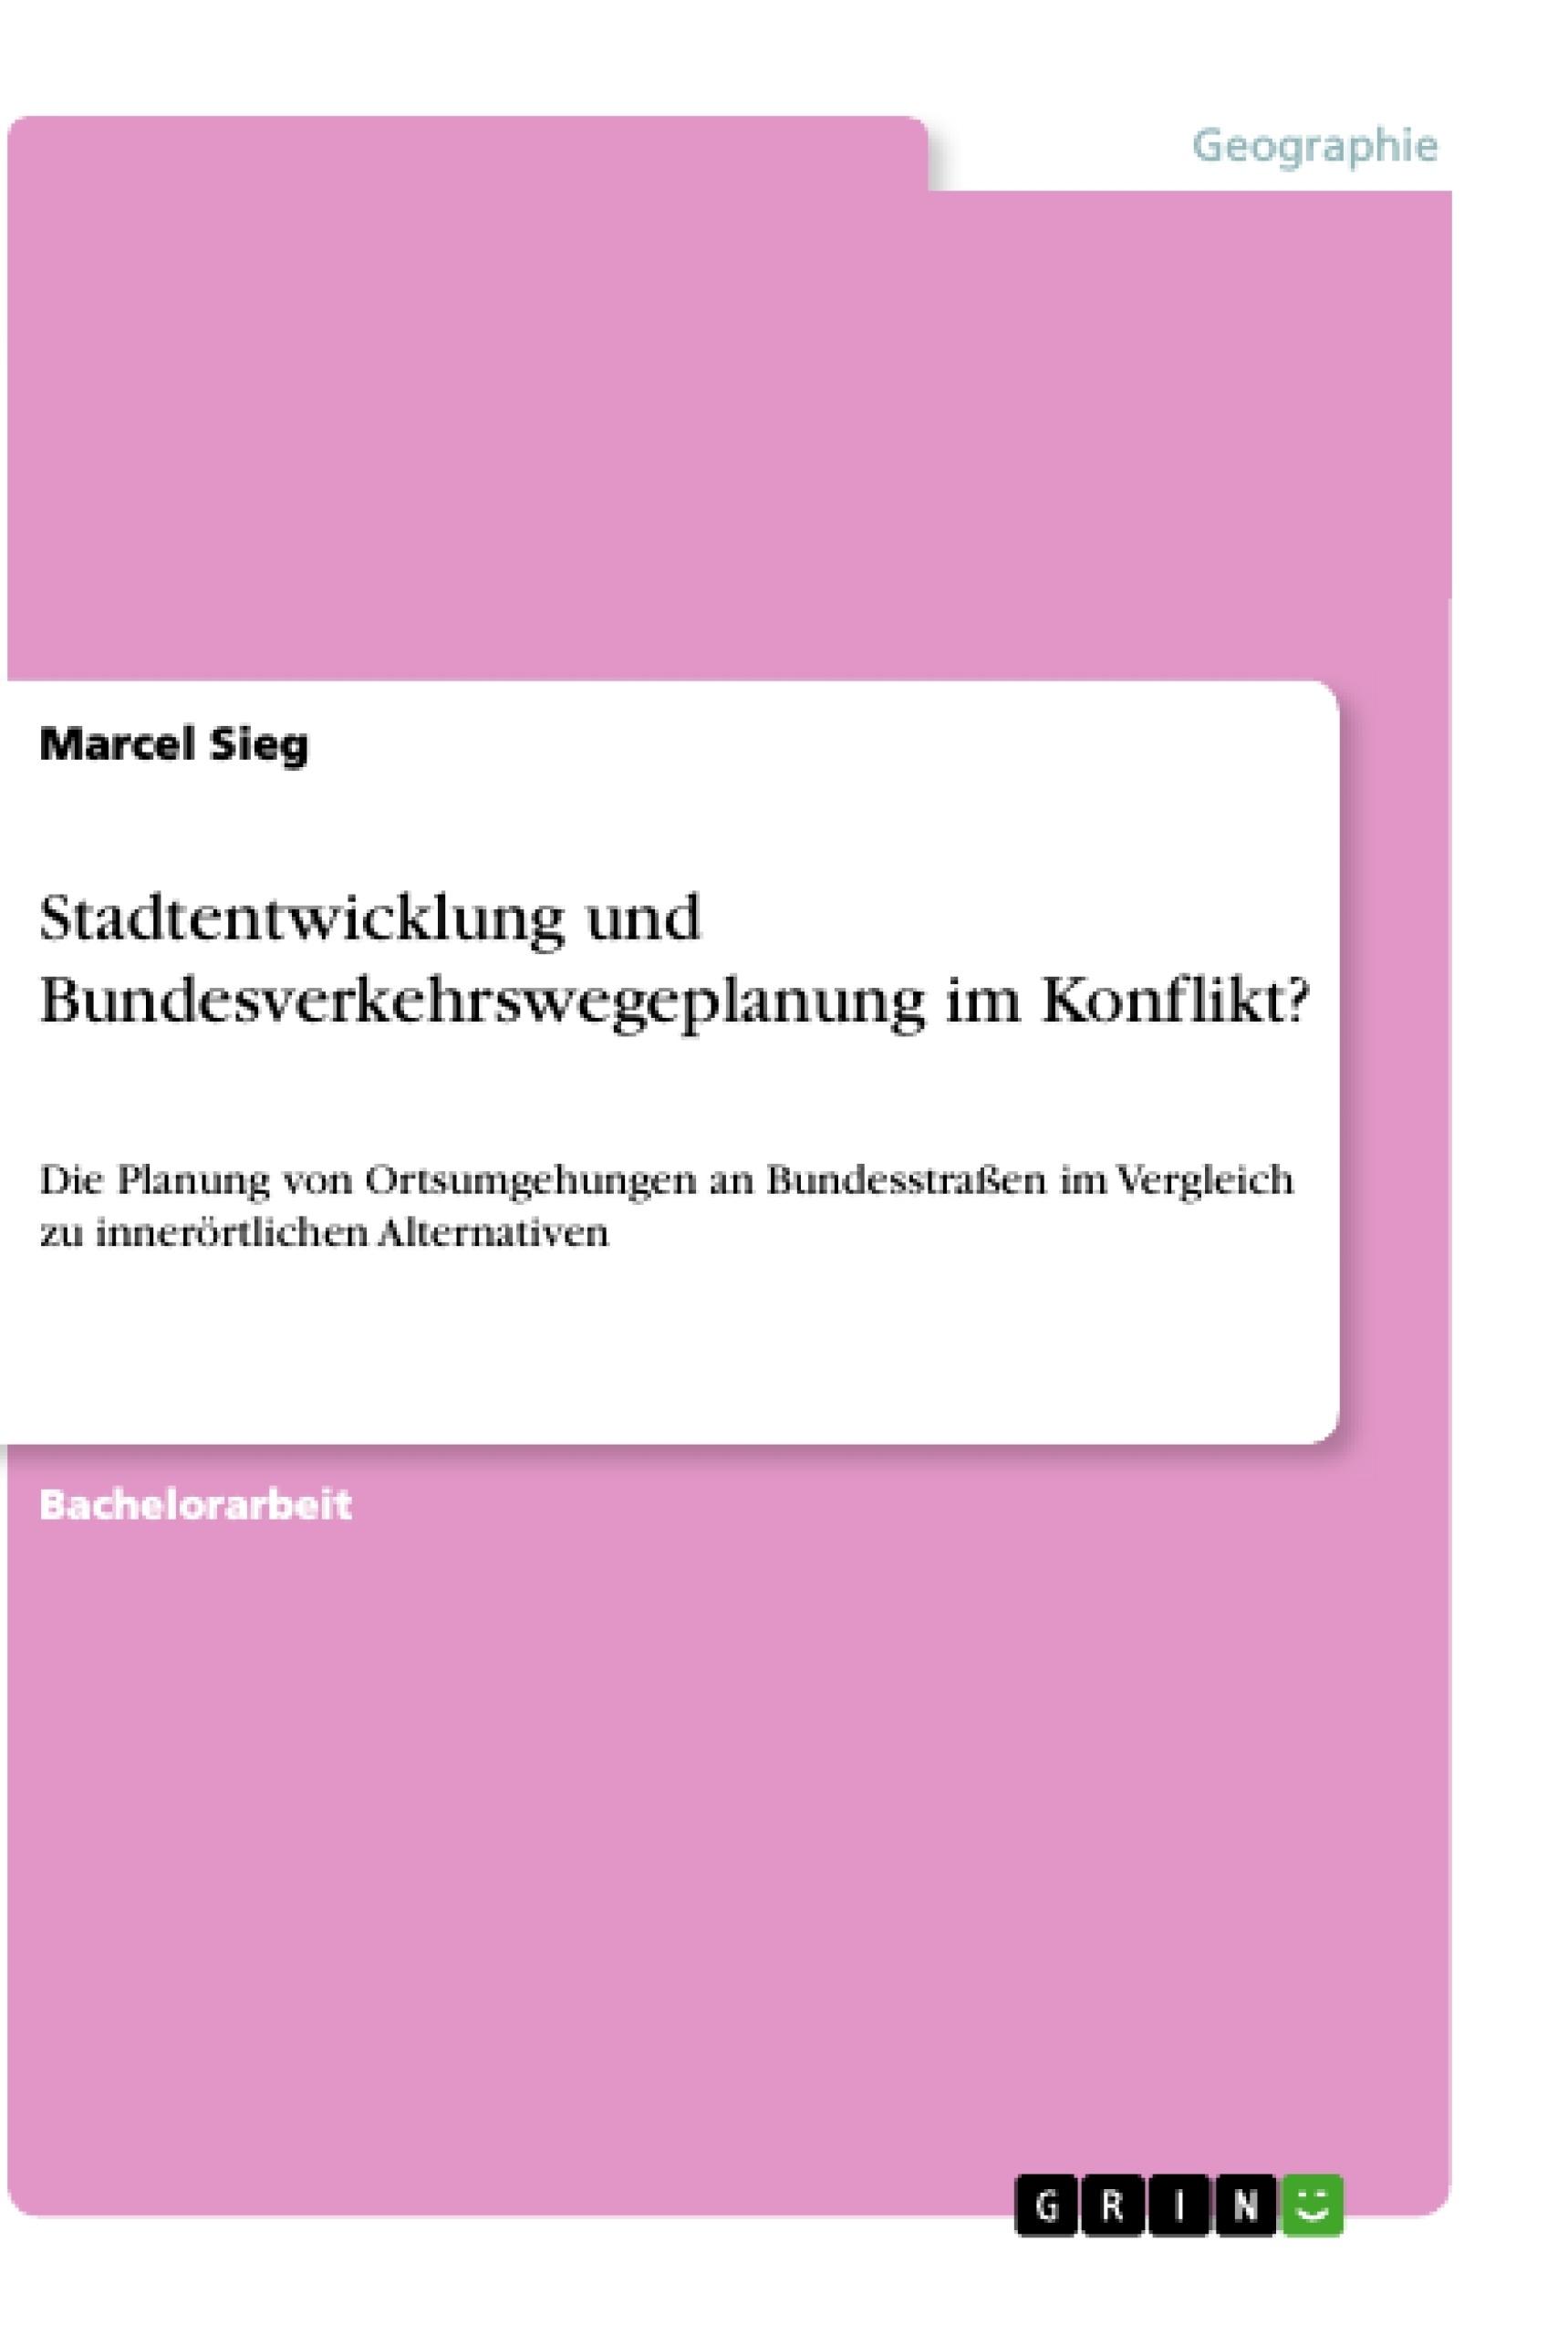 Titel: Stadtentwicklung und Bundesverkehrswegeplanung im Konflikt?